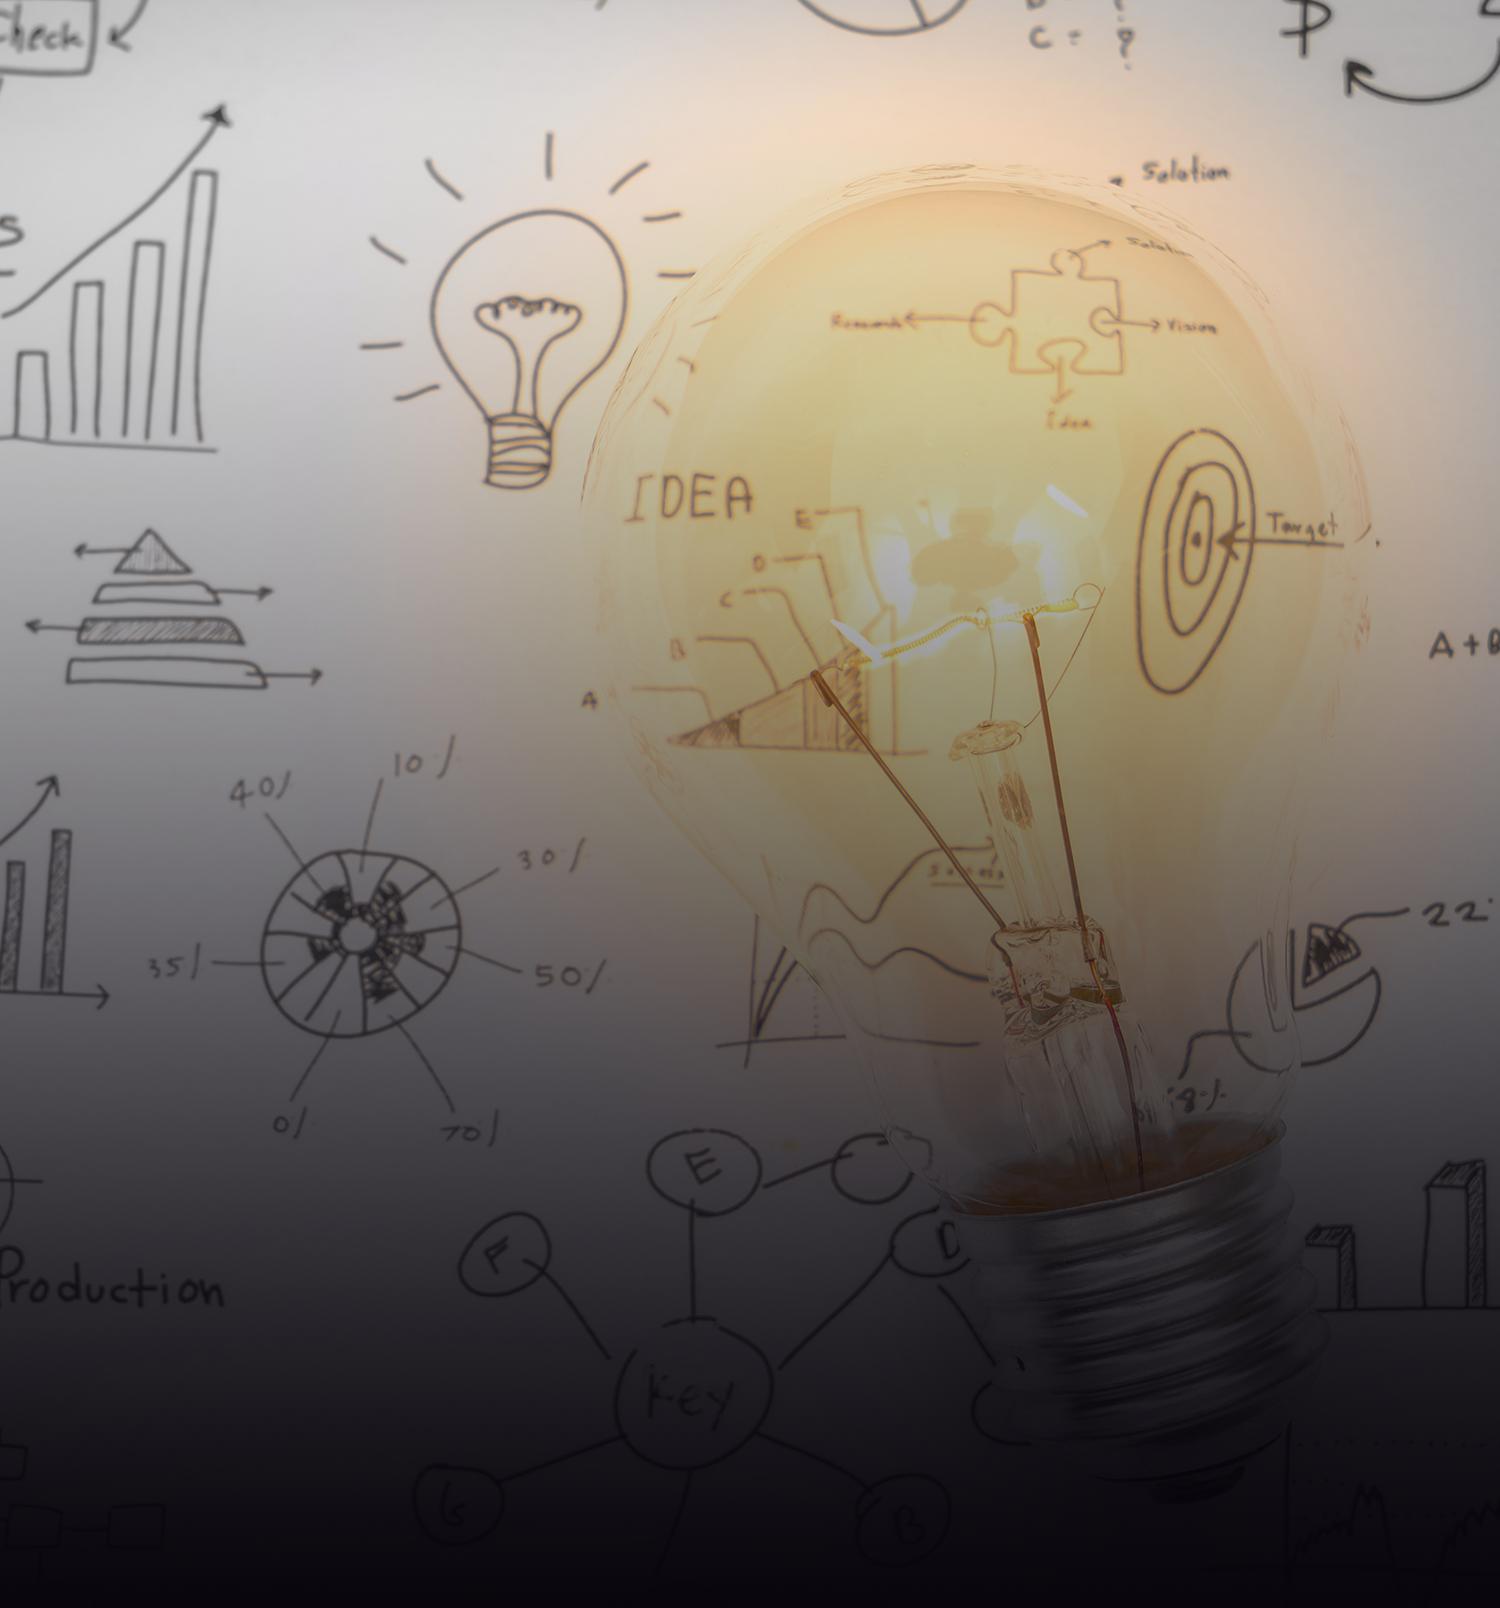 Hacia estrategias disruptivas y liderazgos colaborativos